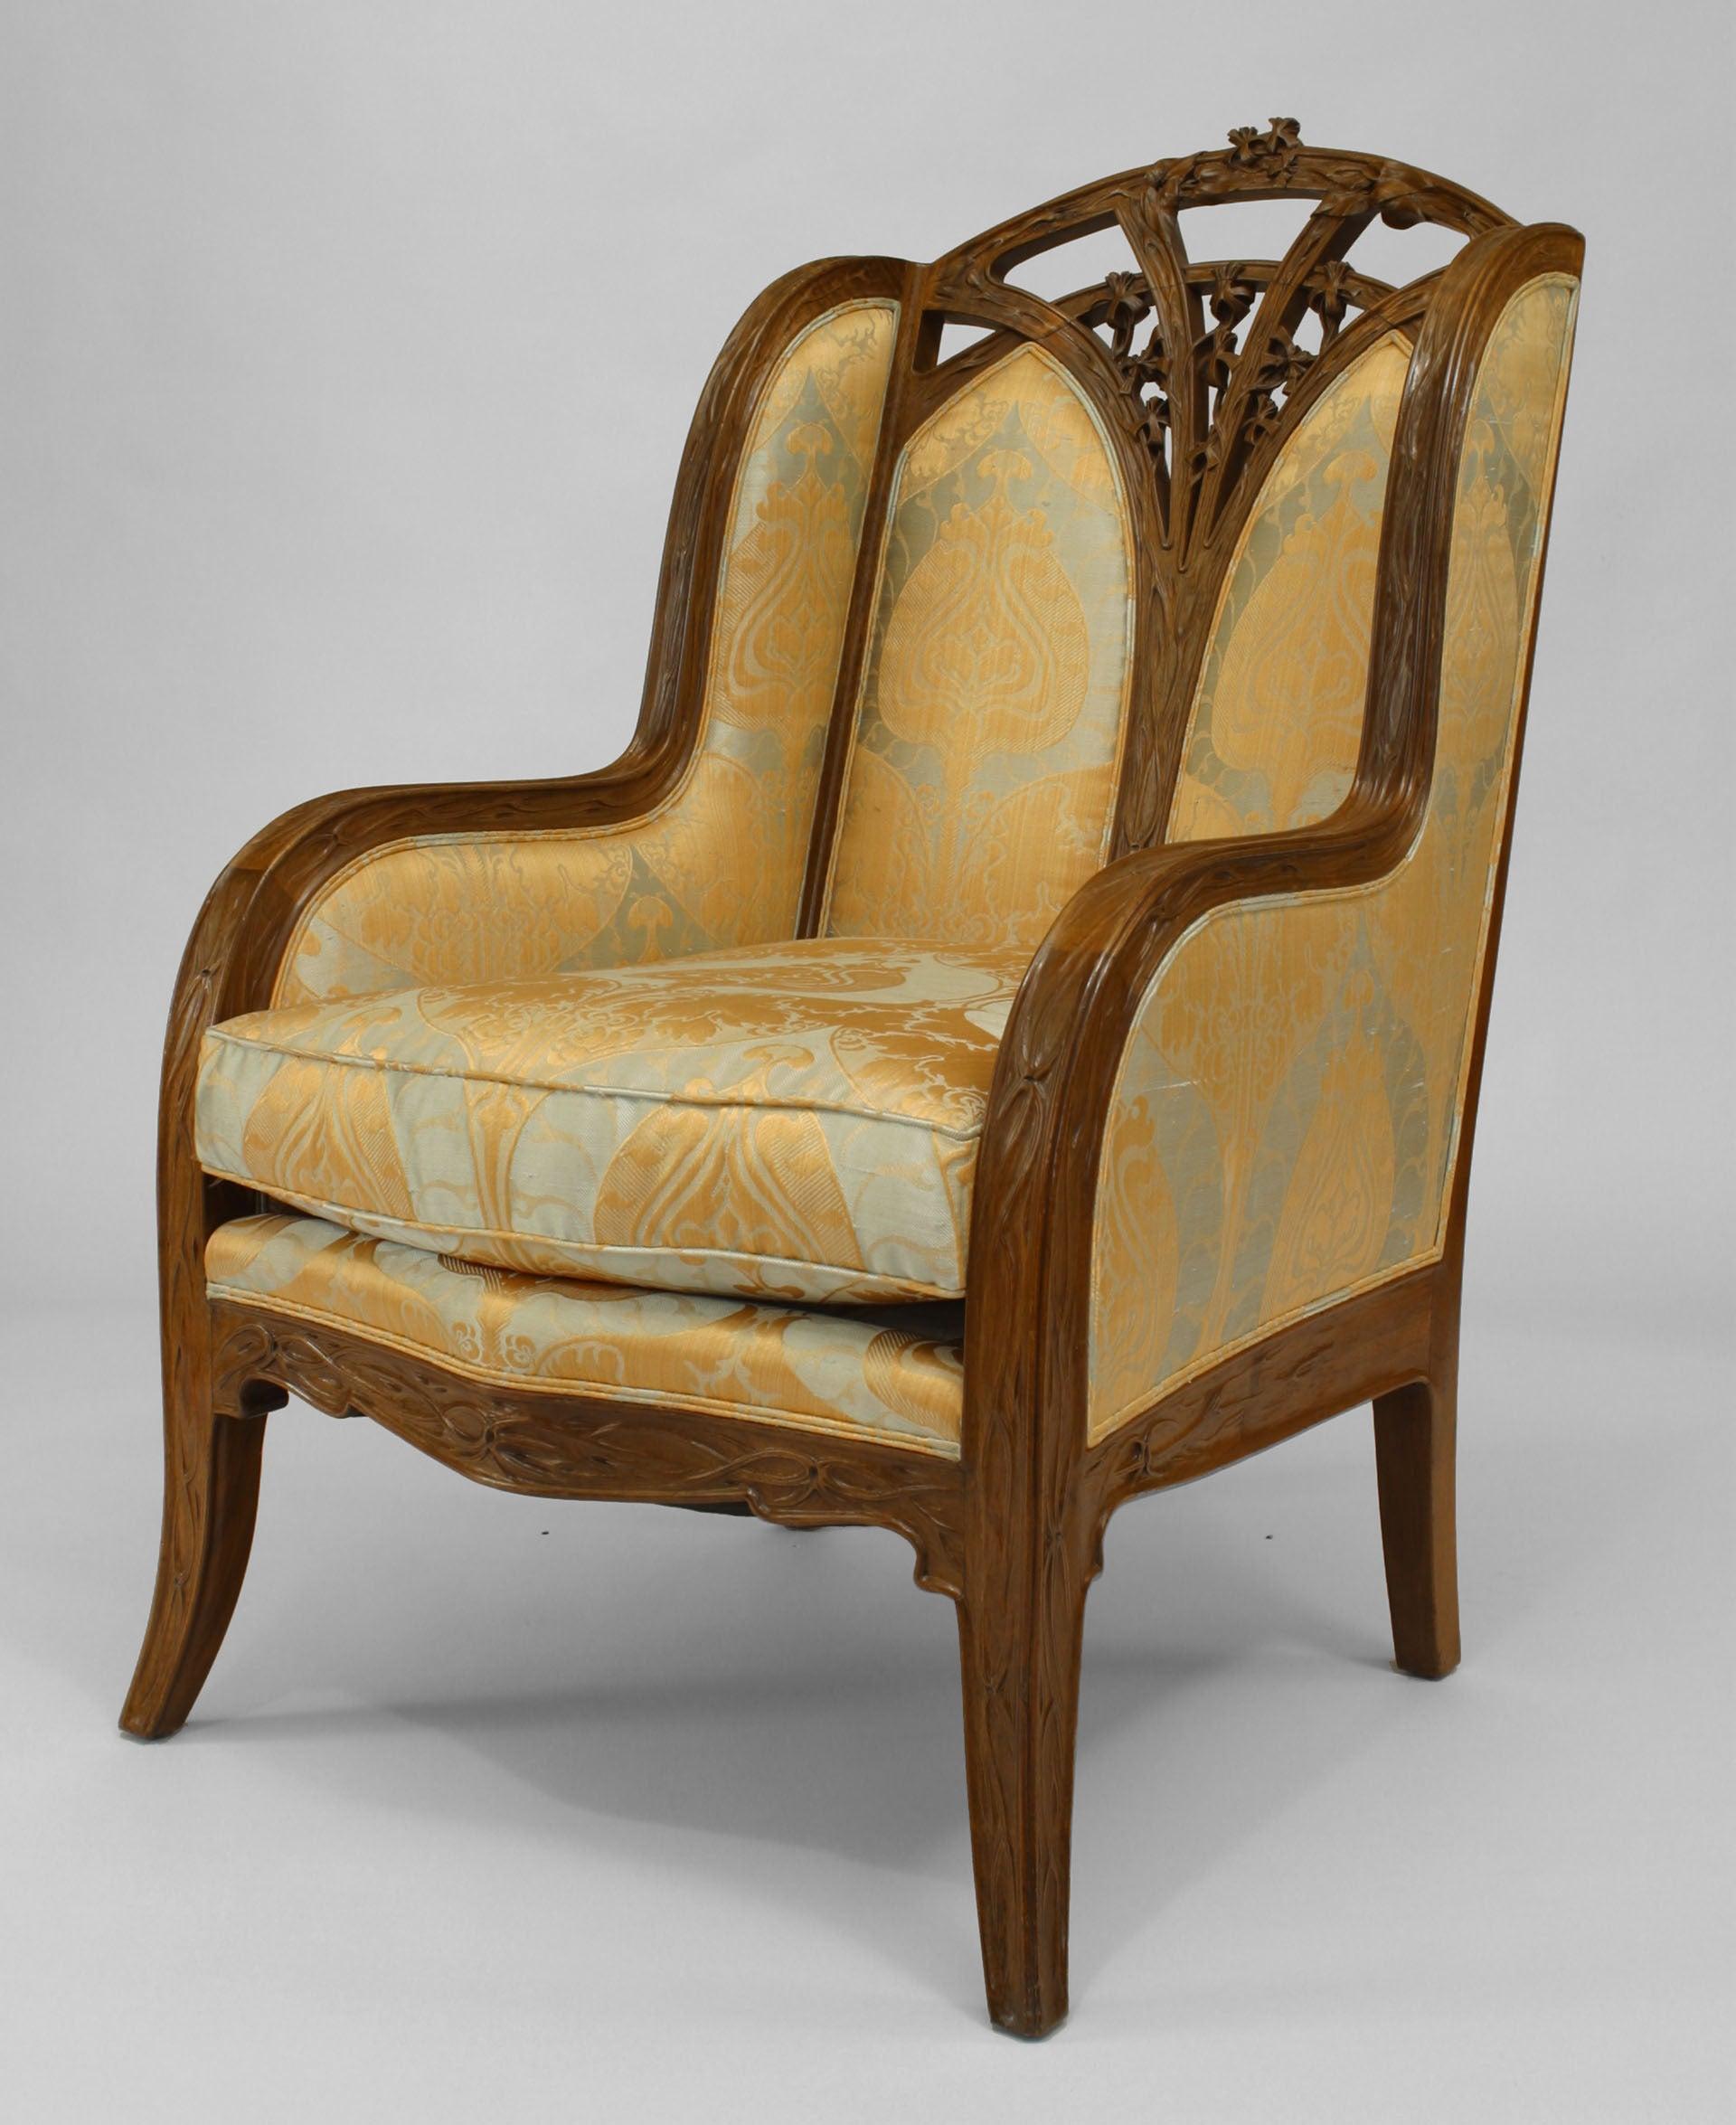 Louis Majorelle French Art Nouveau Walnut Bergére Arm Chair